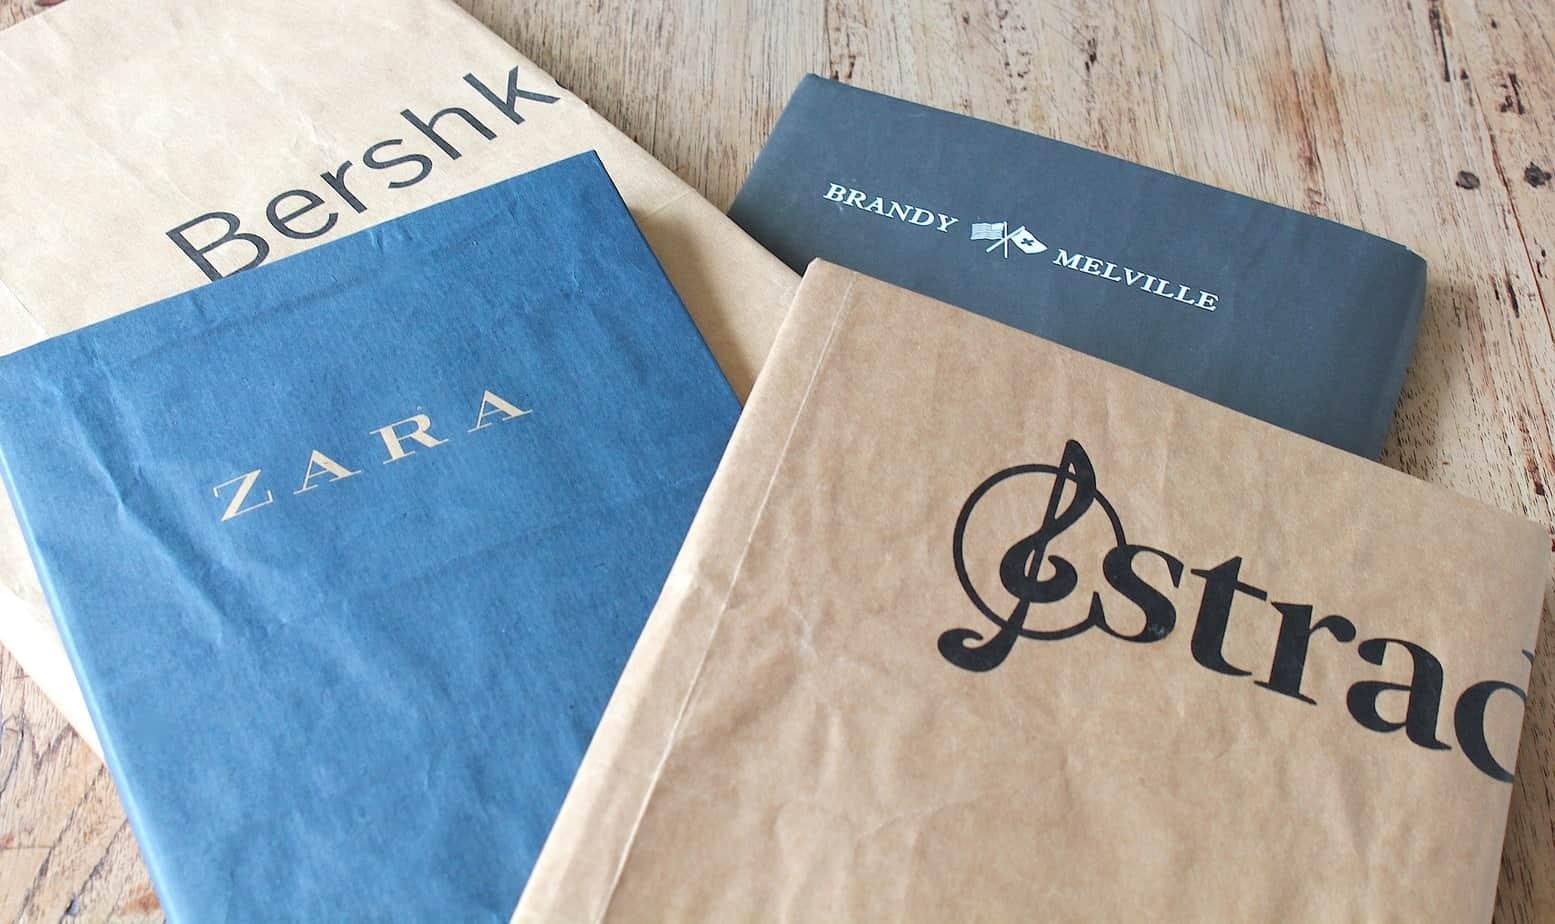 Boeken kaften met gerecyclede papieren tasjes